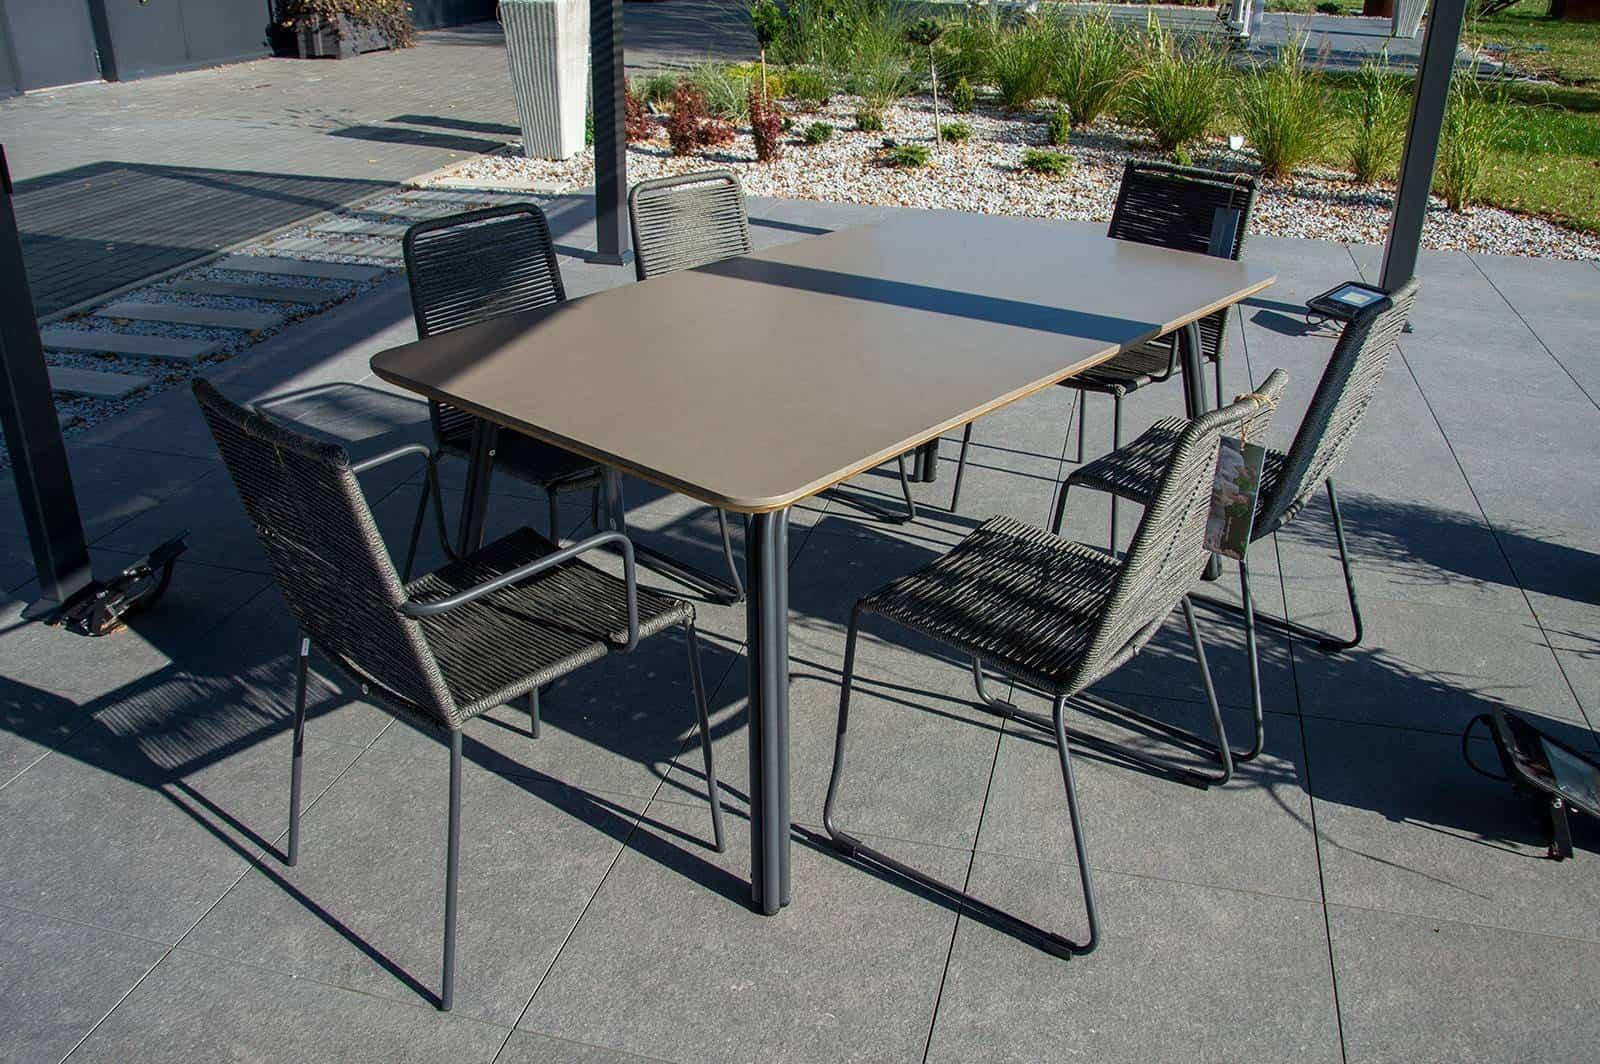 Zestaw ogrodowy SIMI z krzesłami KEA / ELOS